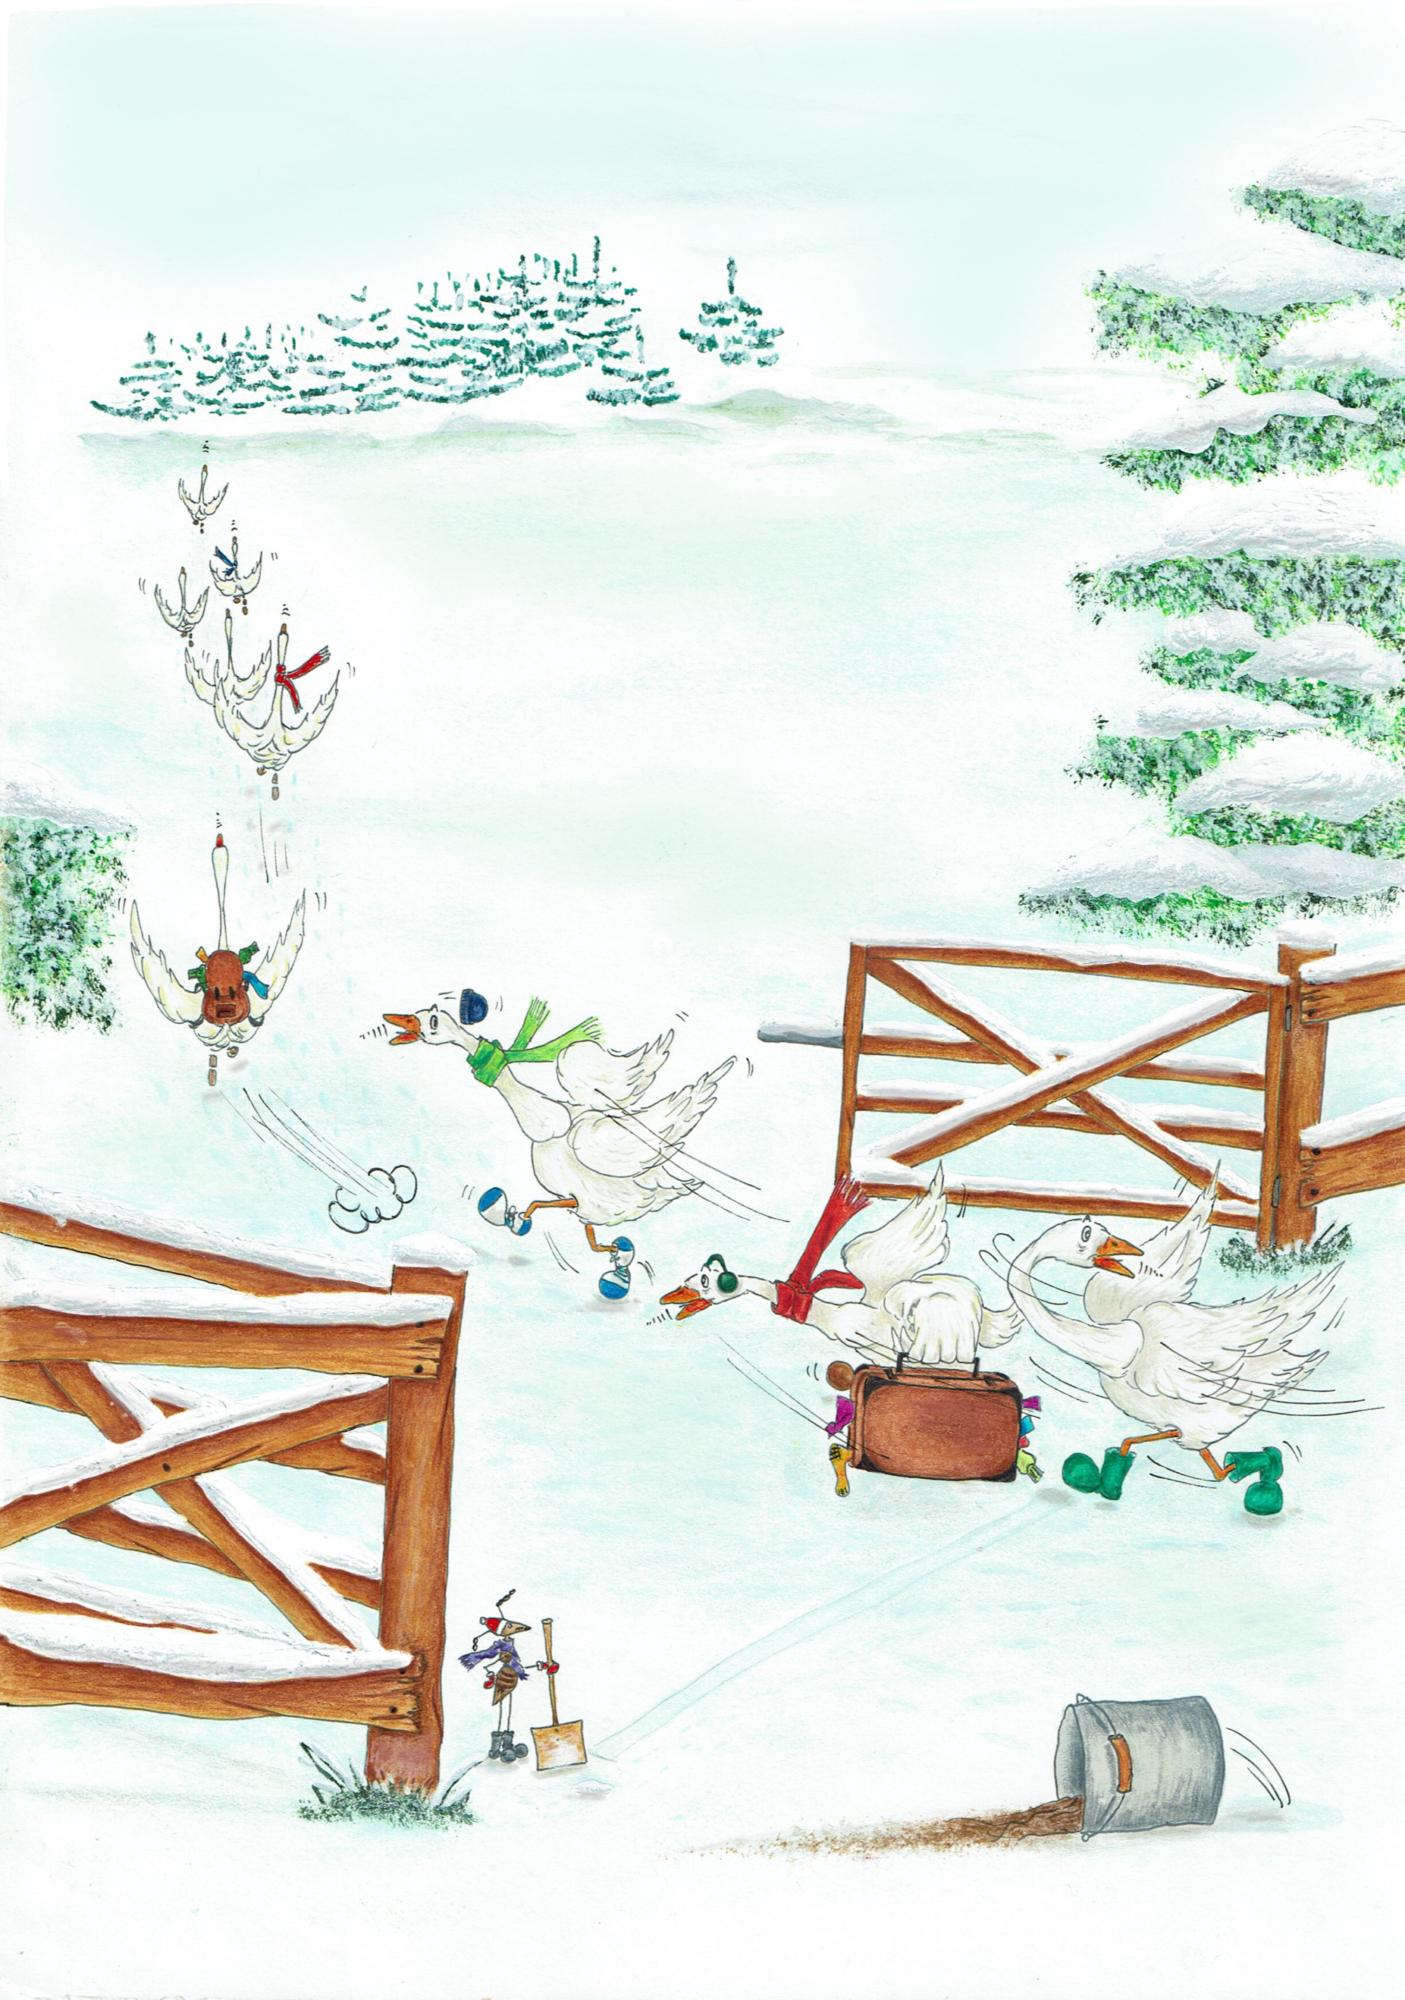 Gänse im Schnee